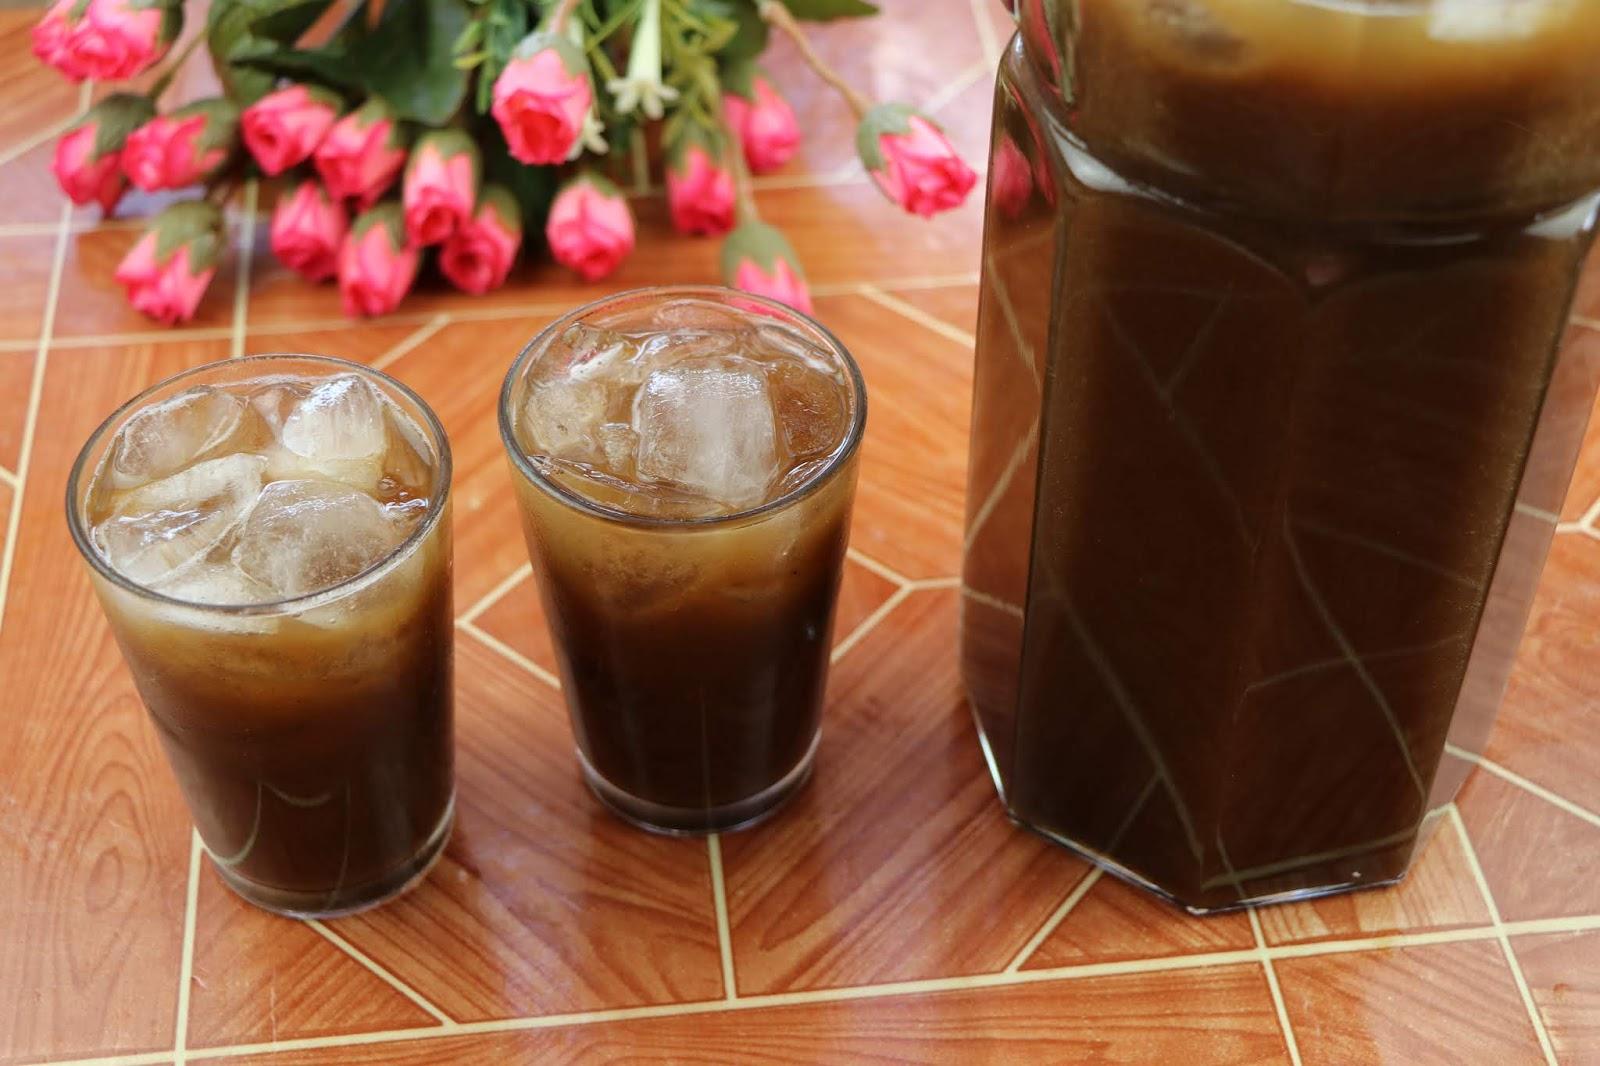 طريقة سهلة لعمل شراب التمر هندي مشروب رمضاني بارد ولذيذ مع